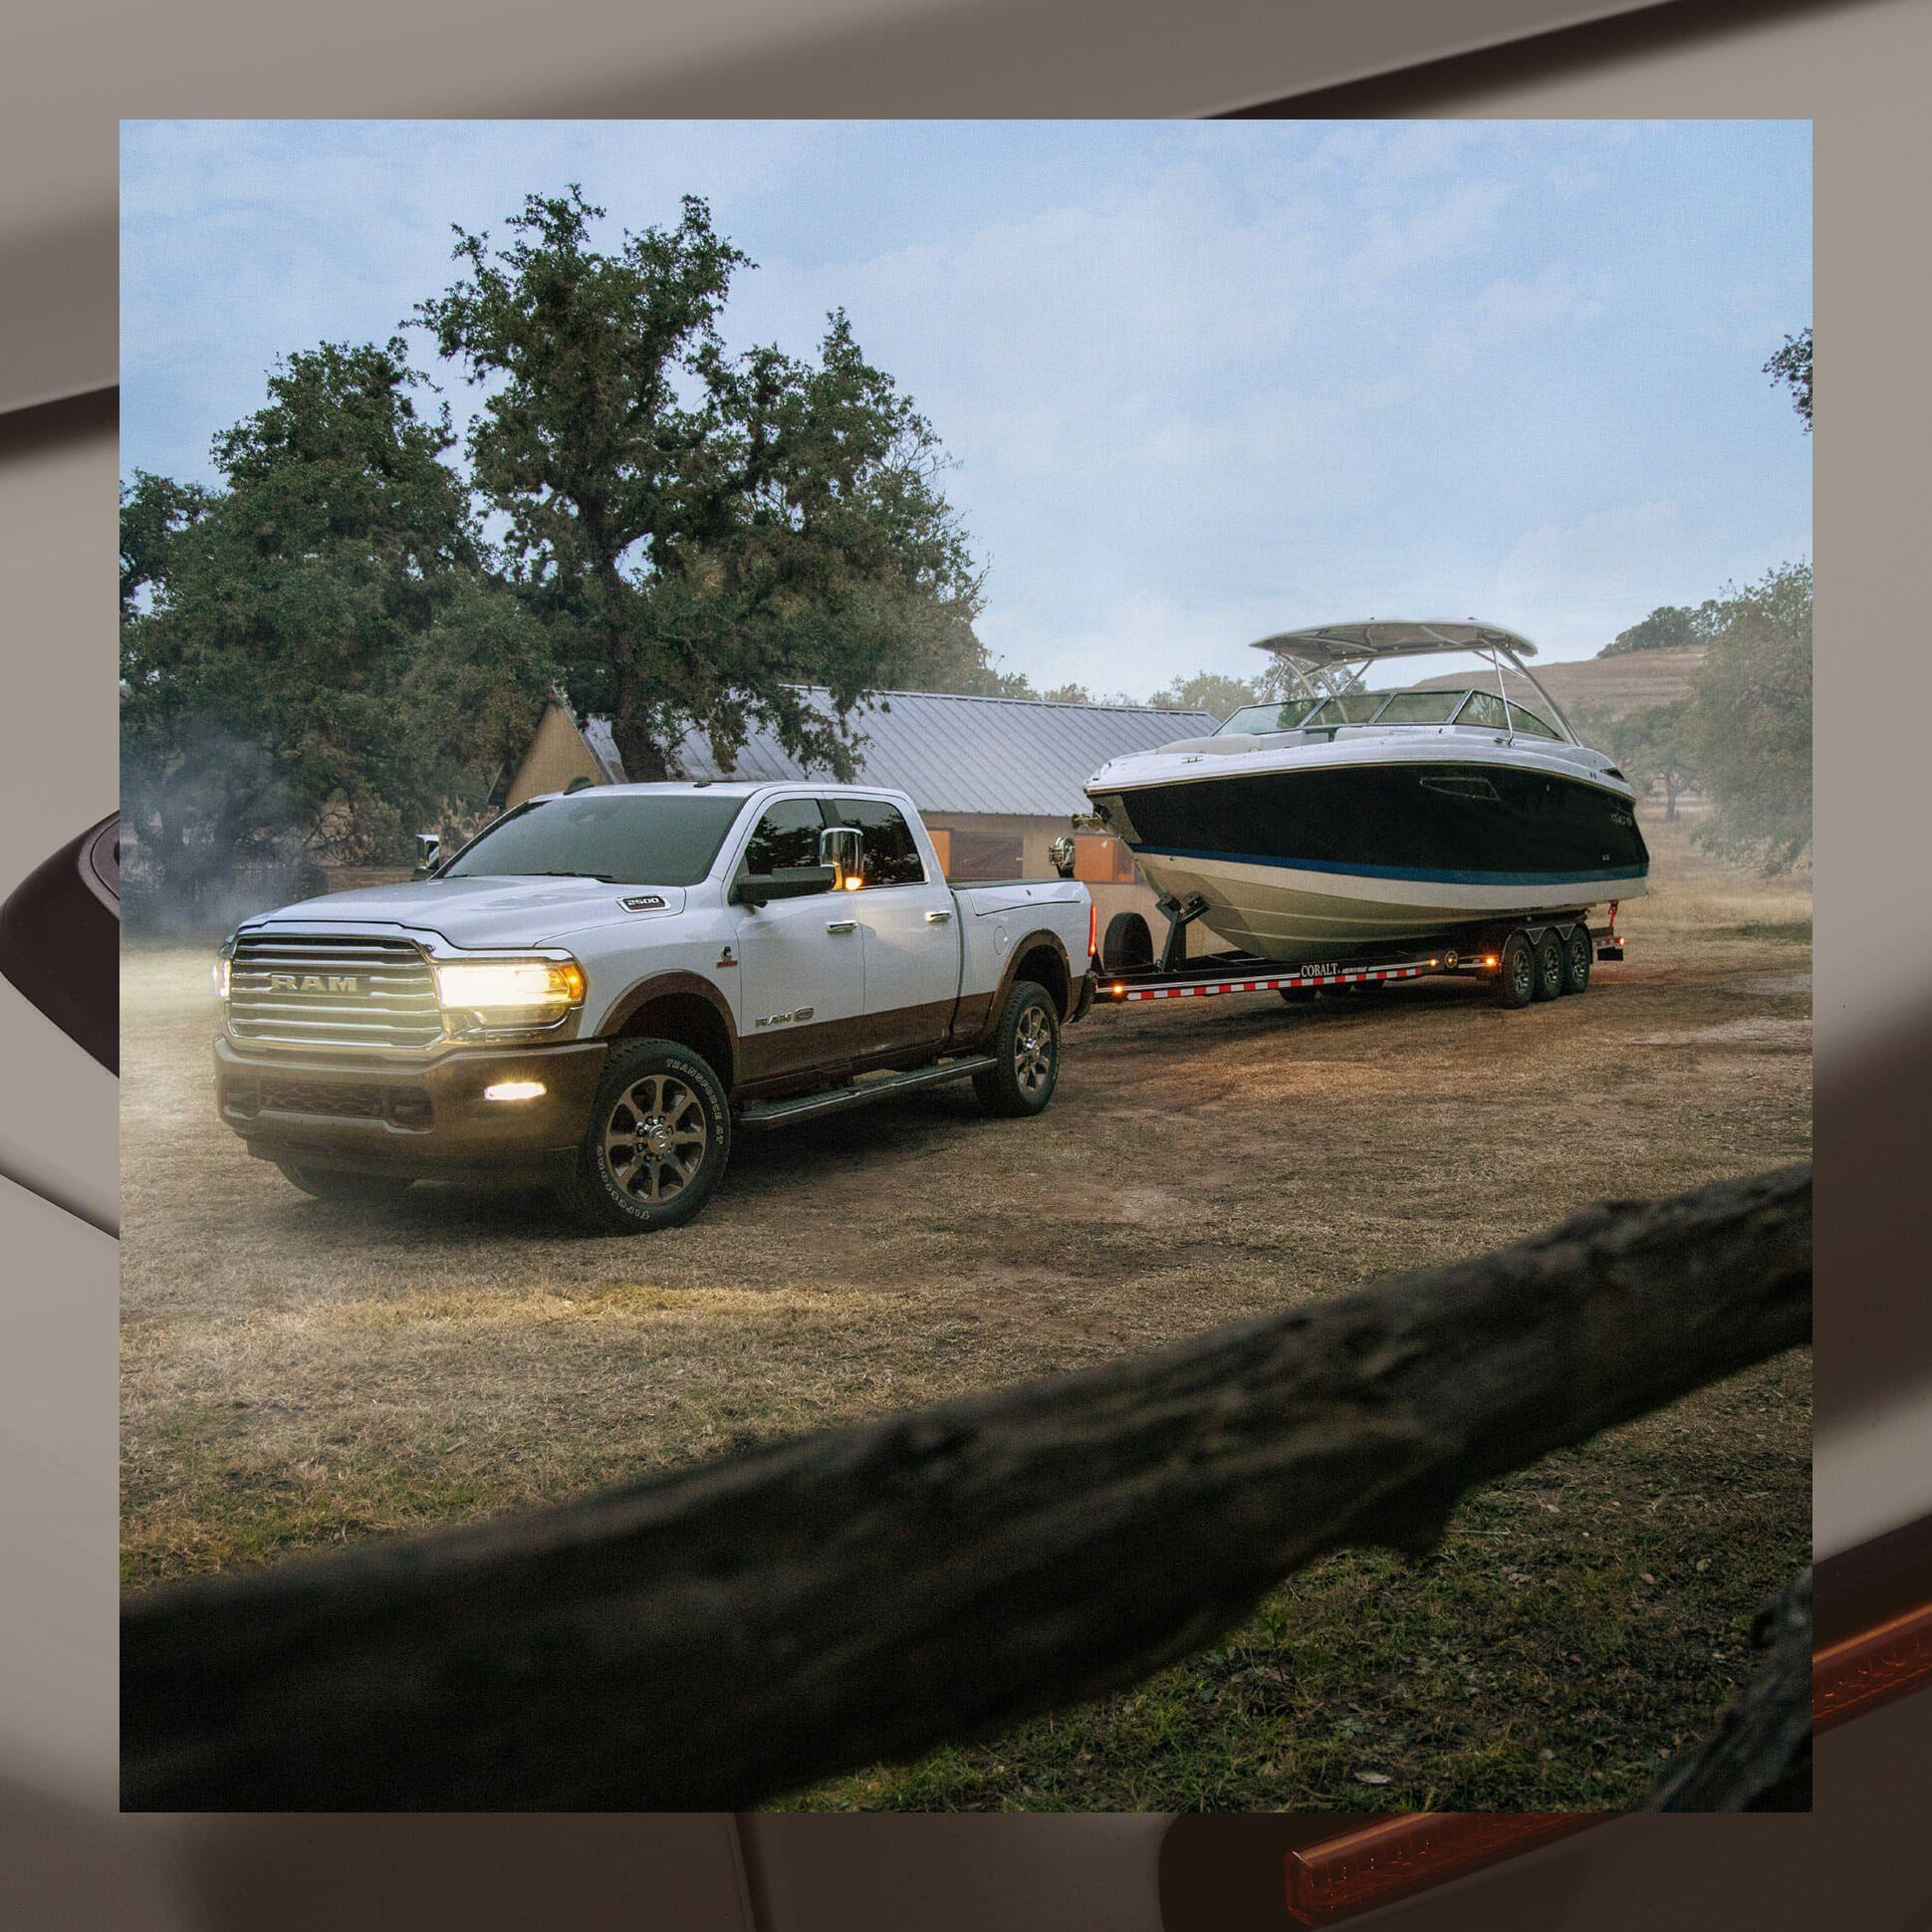 tenis mizuno creation 2013 white jeep used navy kit